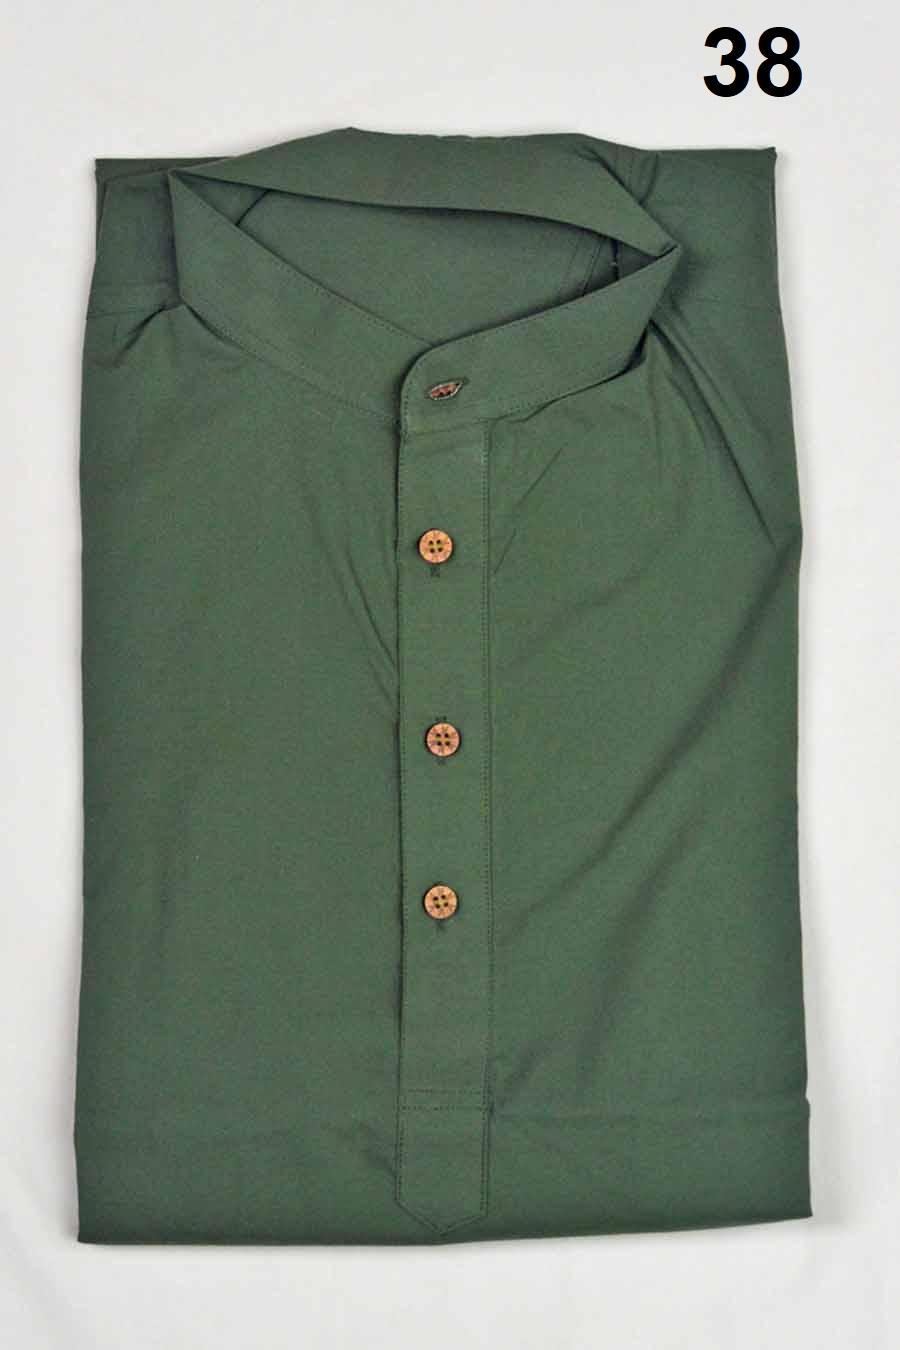 Cotton Kurta 9136 - 38